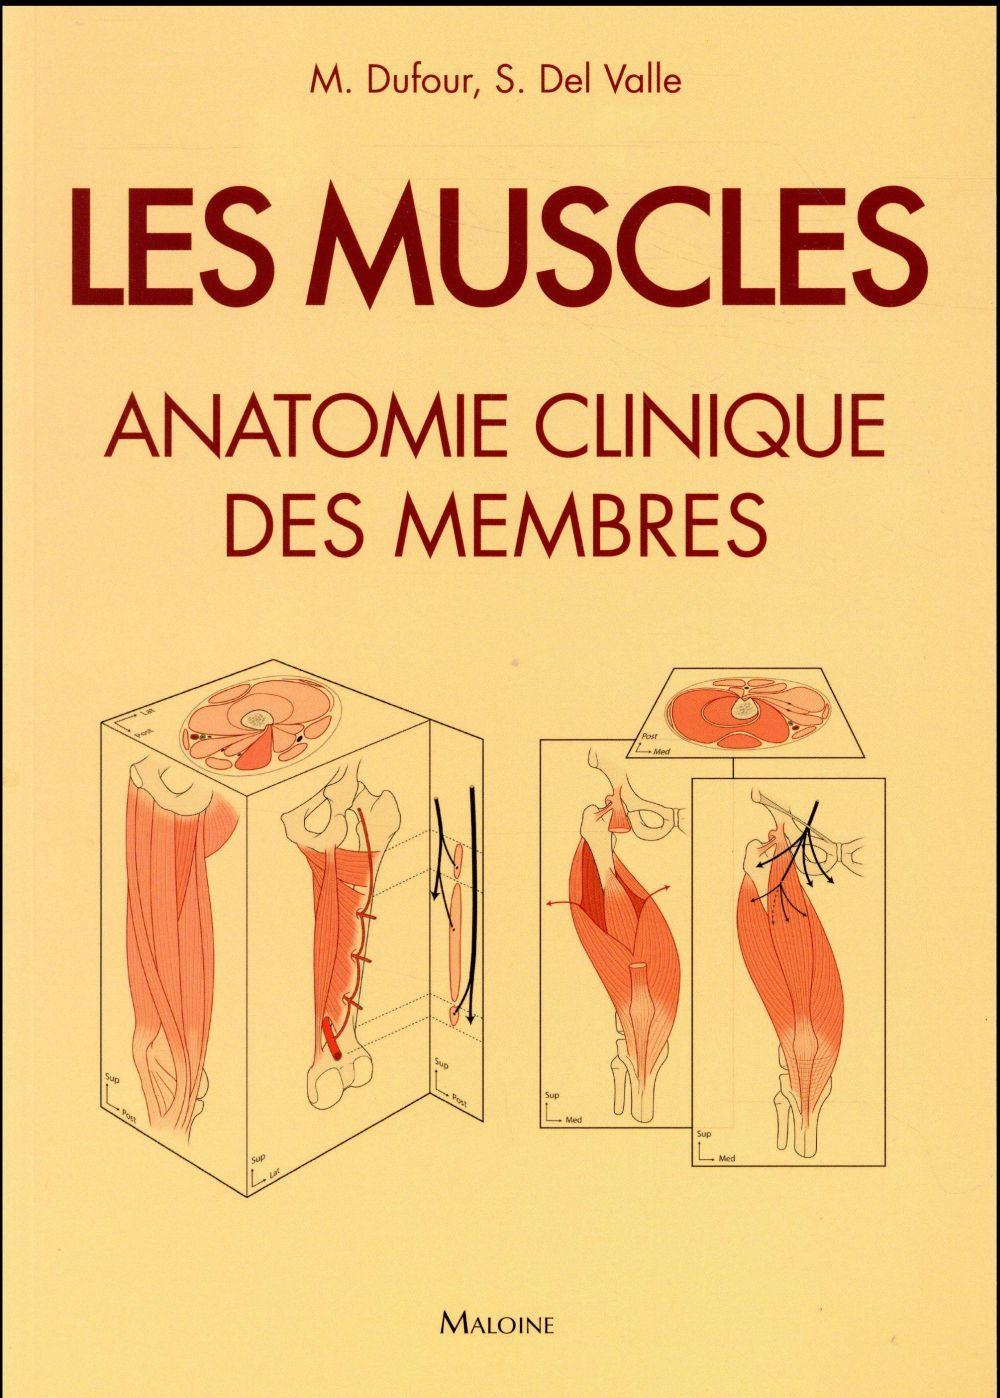 Les muscles ; anatomie clinique des membres